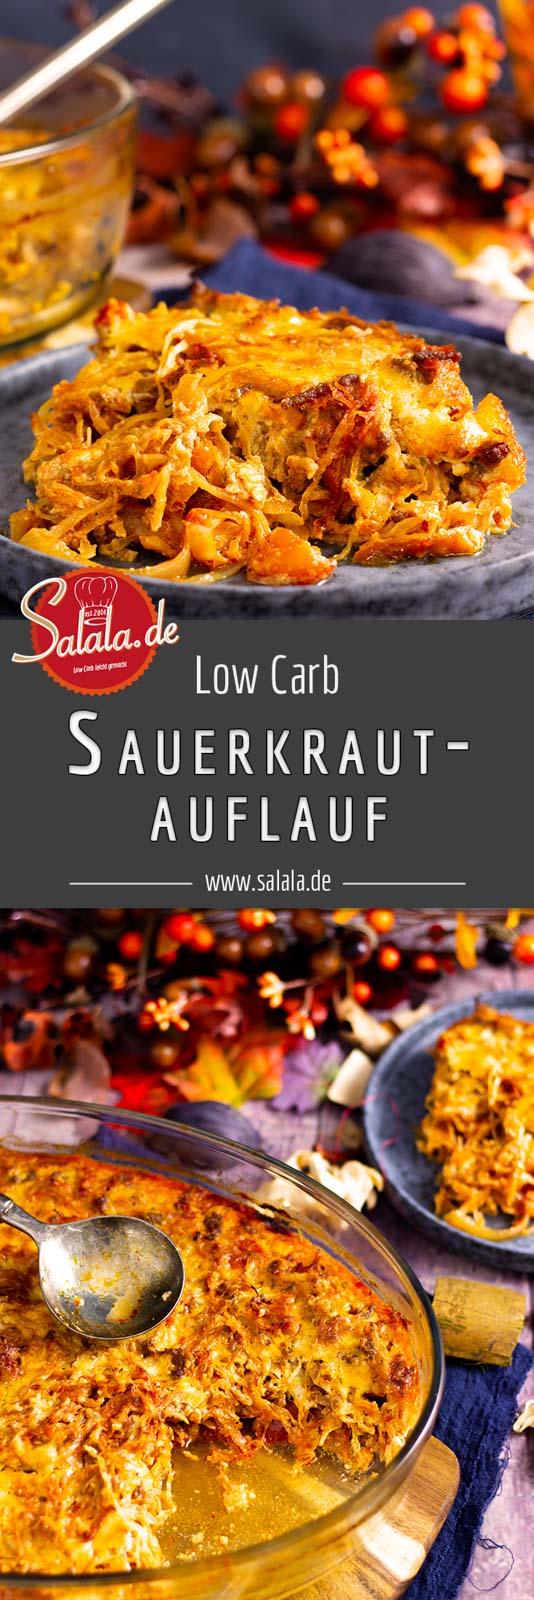 Wärmender Sauerkrautauflauf mit Hackfleisch im Spätherbst ist Balsam für die Seele. Warm und reichhaltig und auch voll mit Vitamin C. Gesund, lecker und kohlenhydratarm. Ich nehm gern eine zweite Portion ;) #sauerkrautauflauf #lowcarb #lowcarbrezepte #lowcarbkochen #sauerkraut #lowcarbauflauf #rezepte